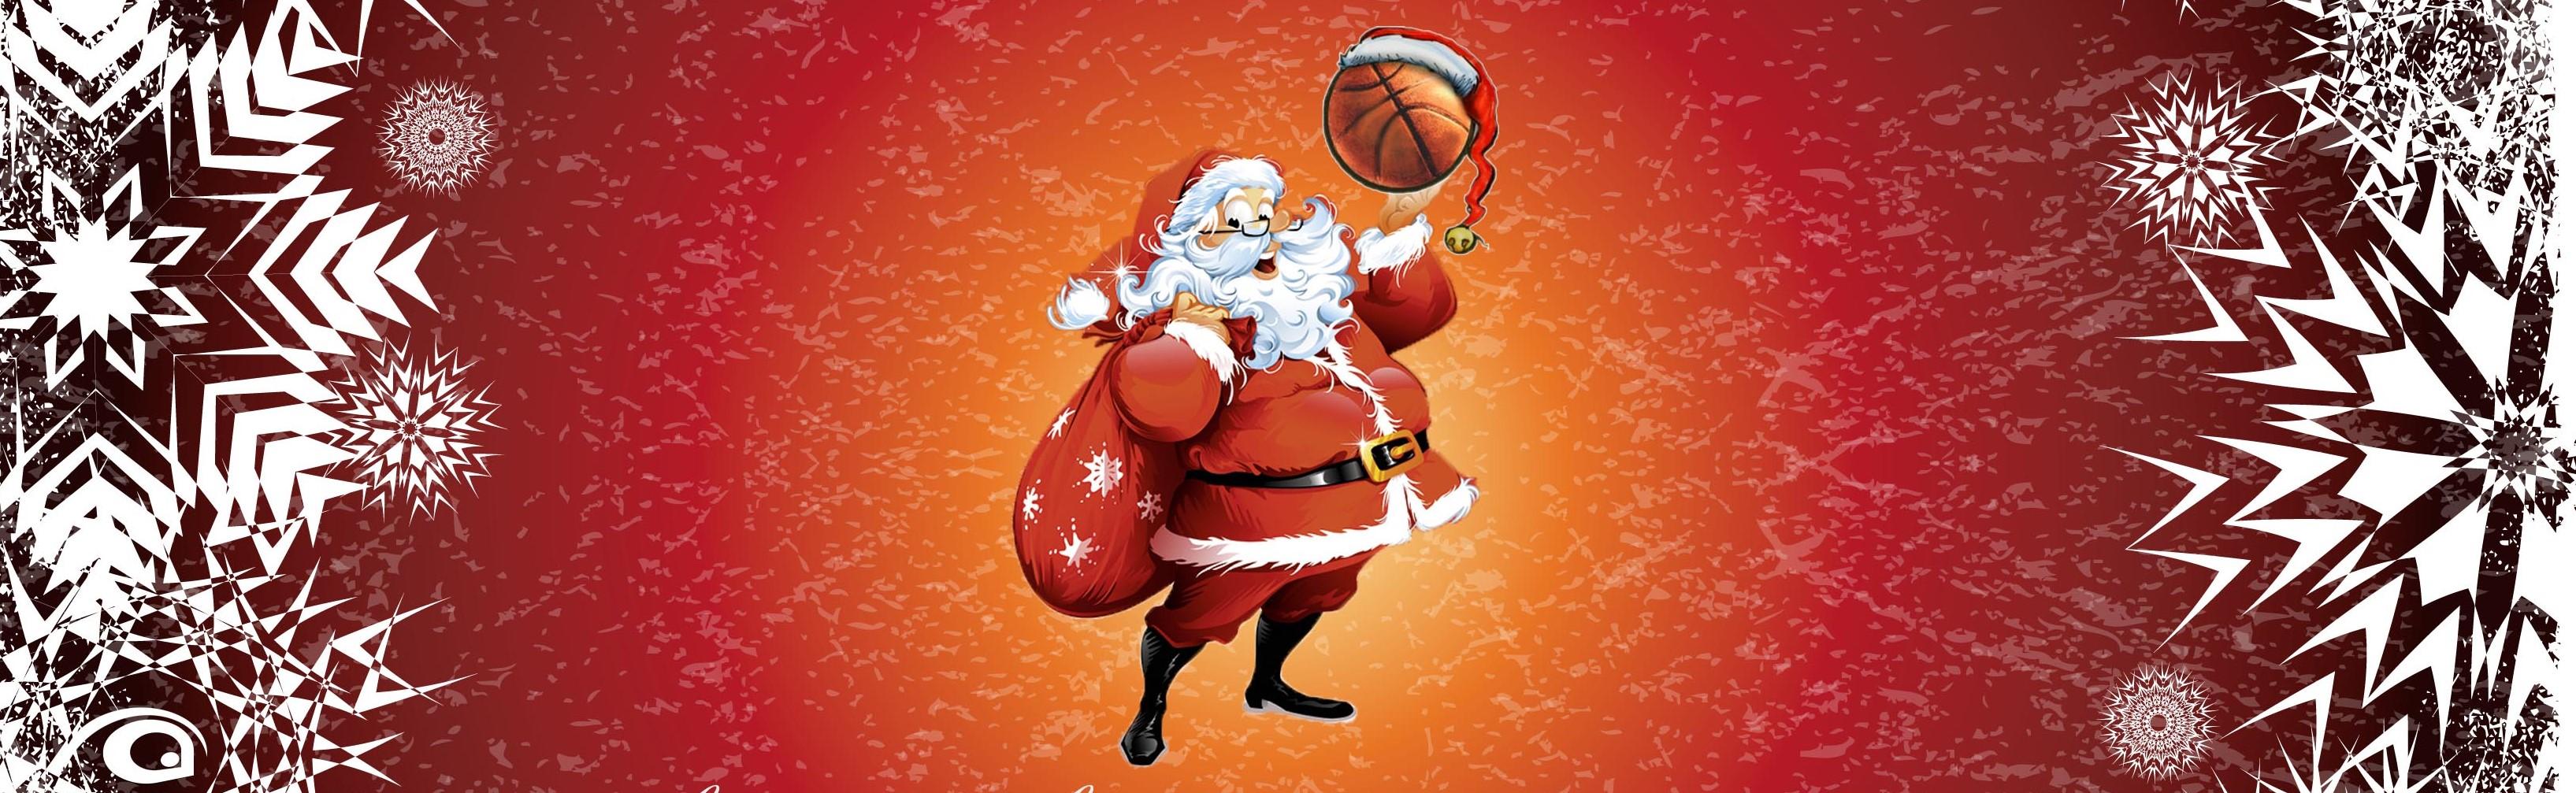 Betriebsfeier Weihnachtsfeier buchen, Weihnáchtsacts buchen